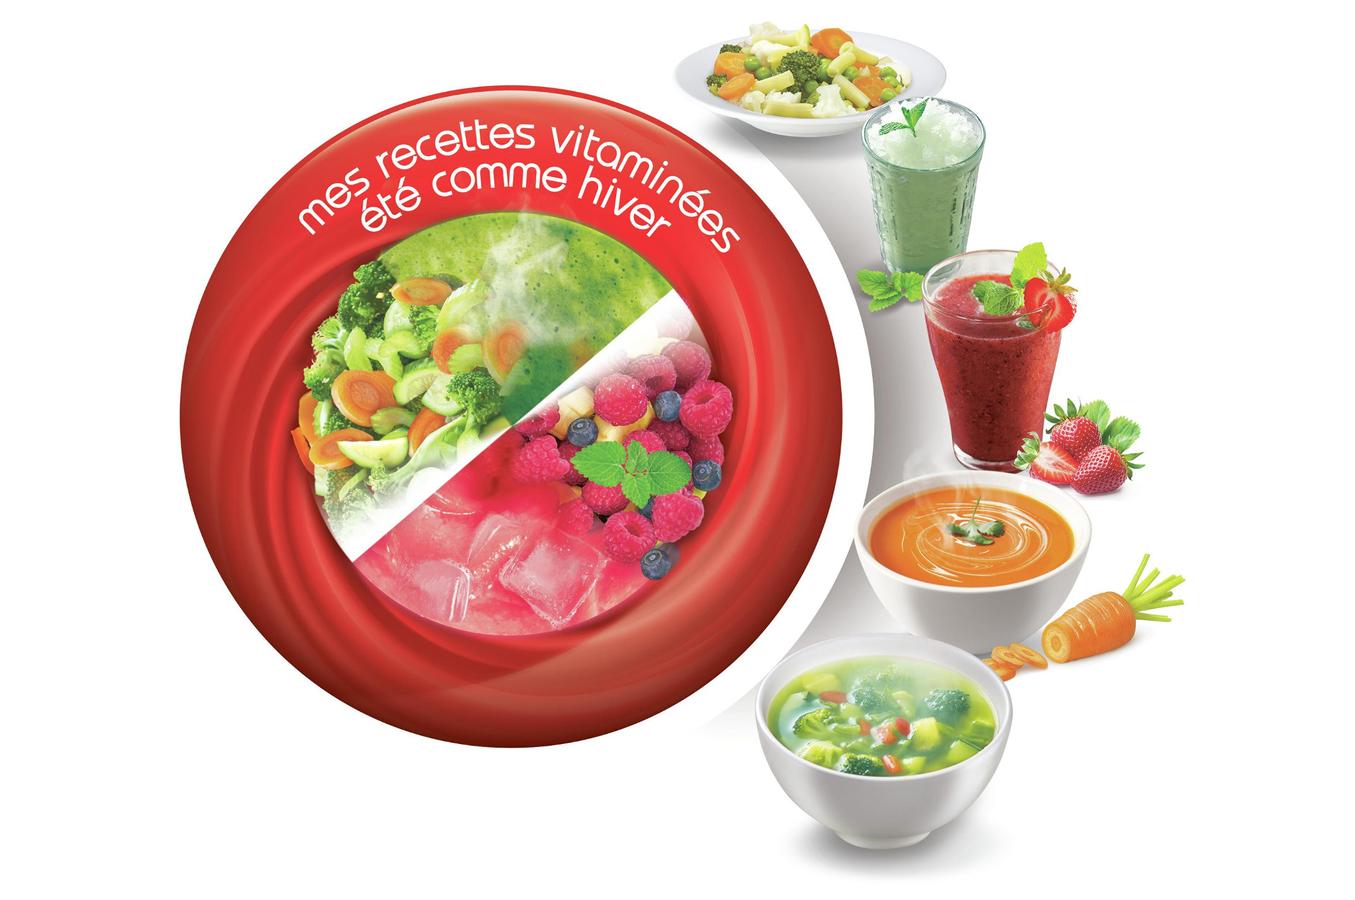 Blender moulinex lm908110 soup co lm908110 soup co 4266579 darty - Soup et co moulinex ...